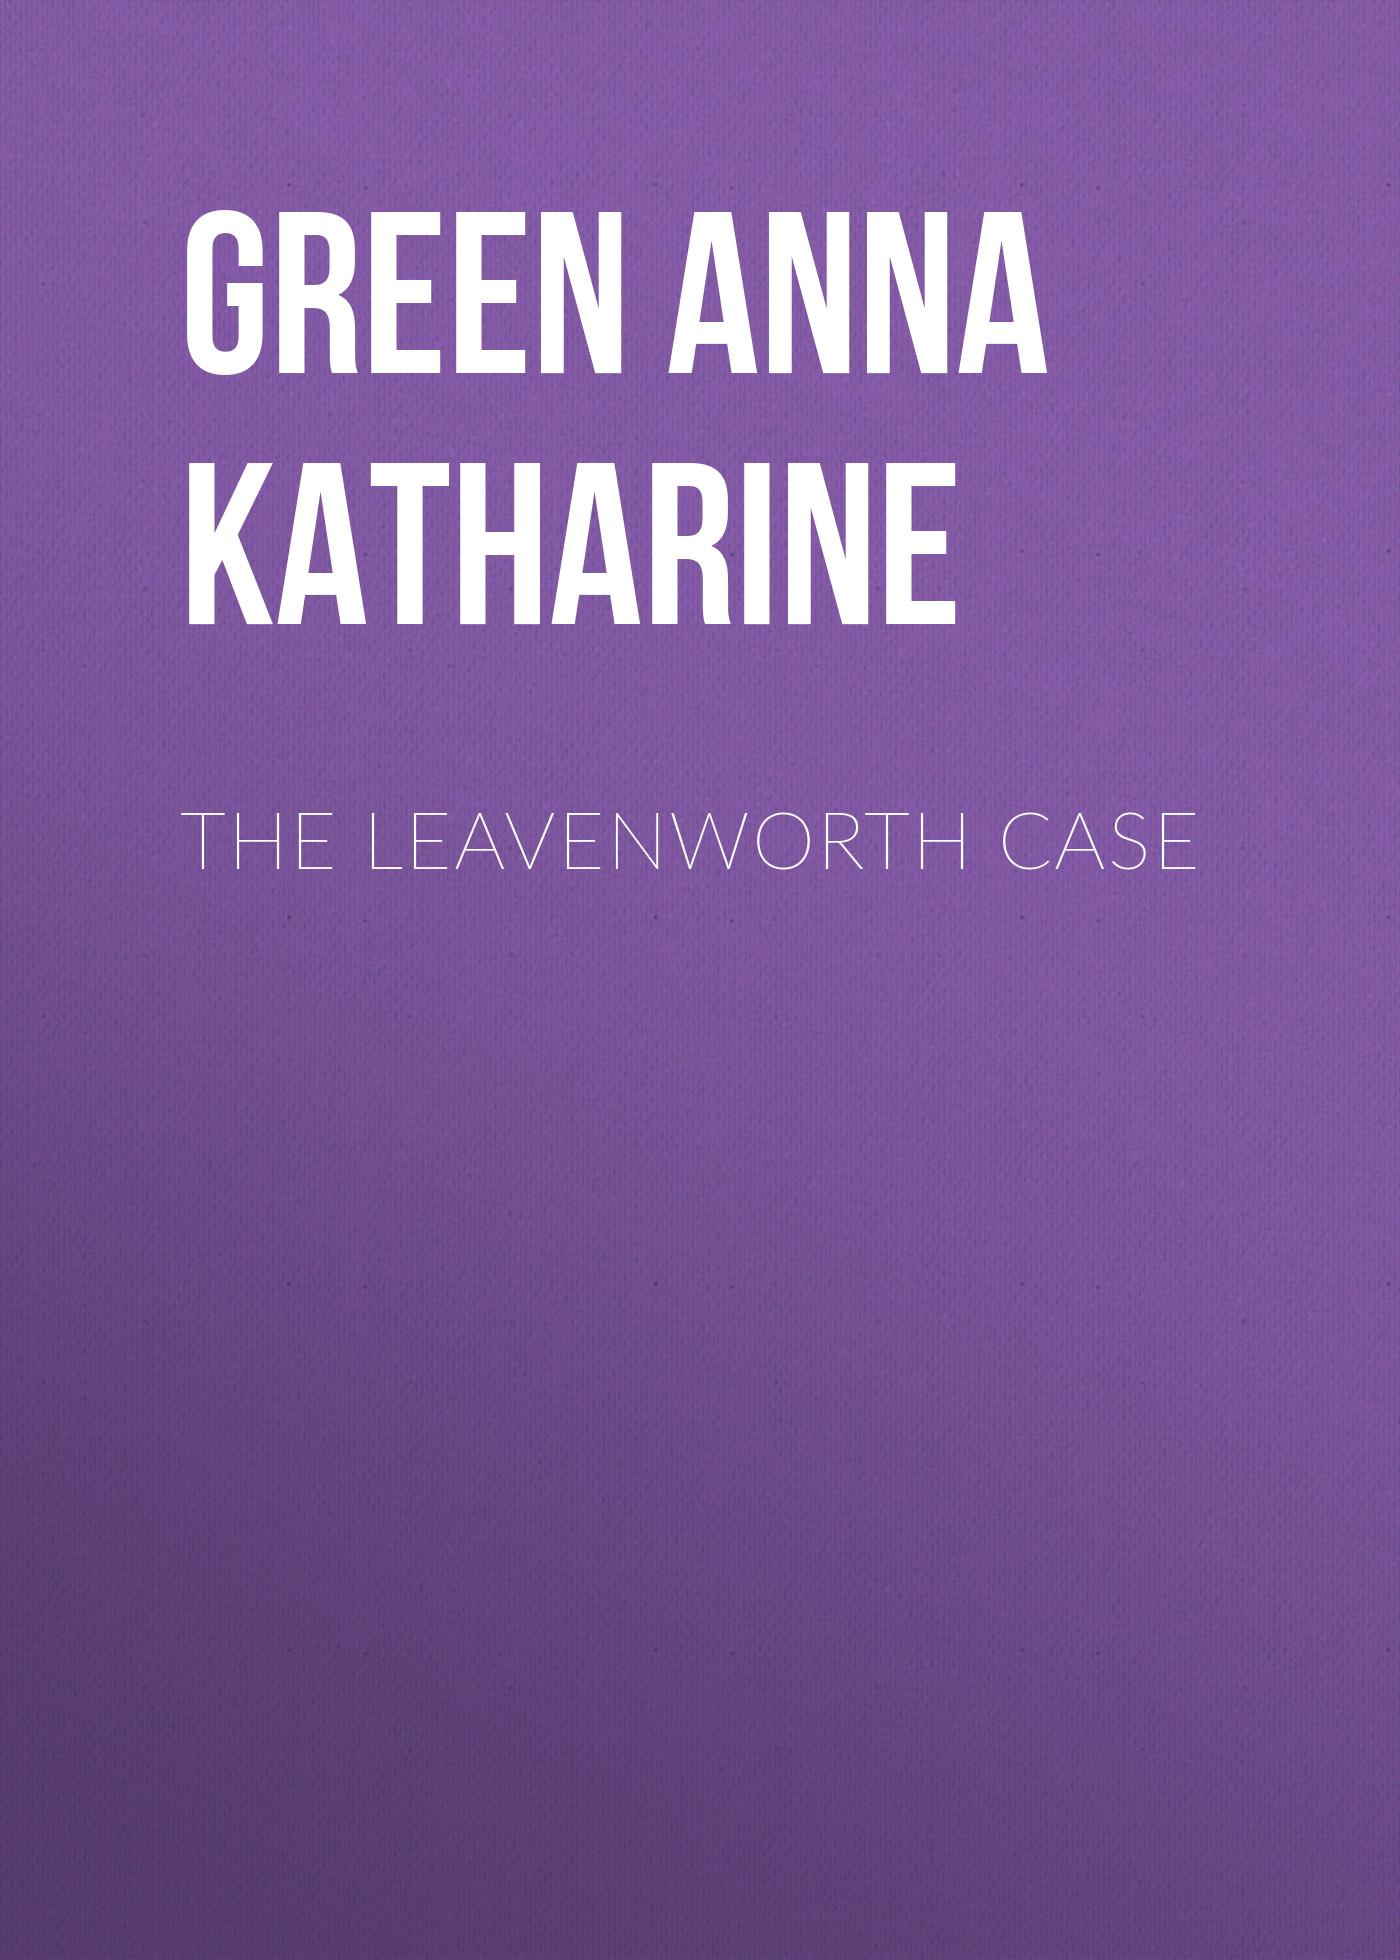 лучшая цена Green Anna Katharine The Leavenworth Case